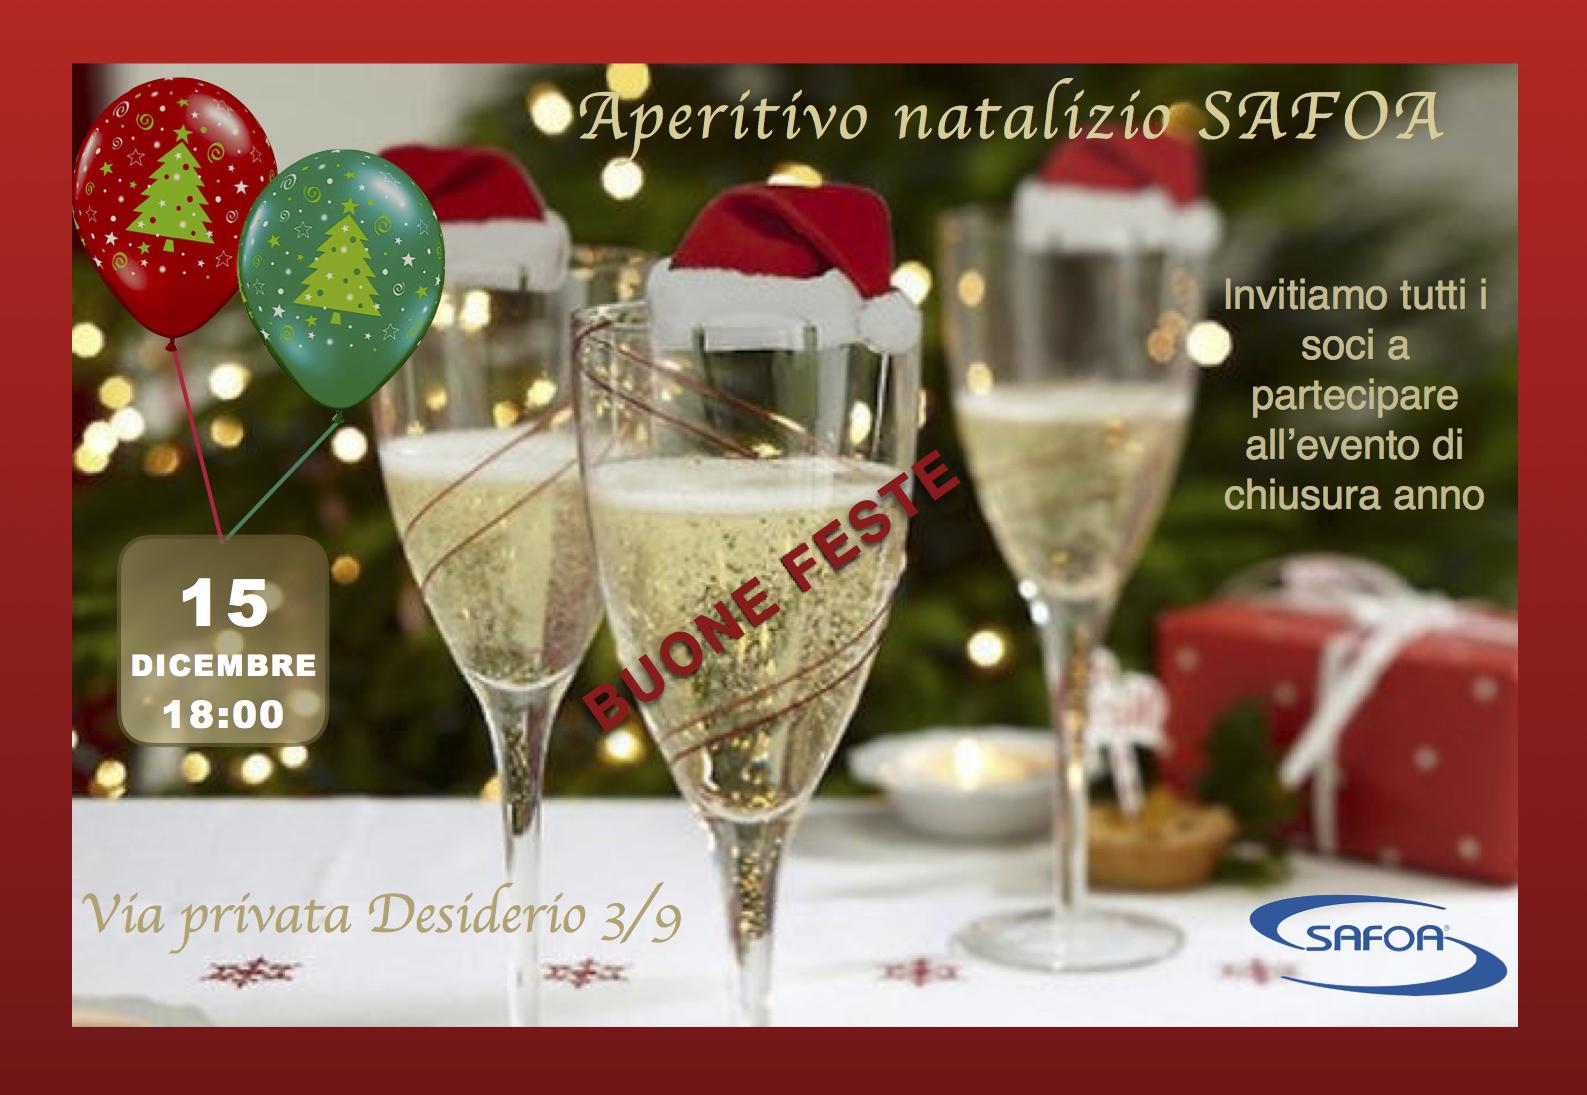 Aperitivo di Natale - Safoa